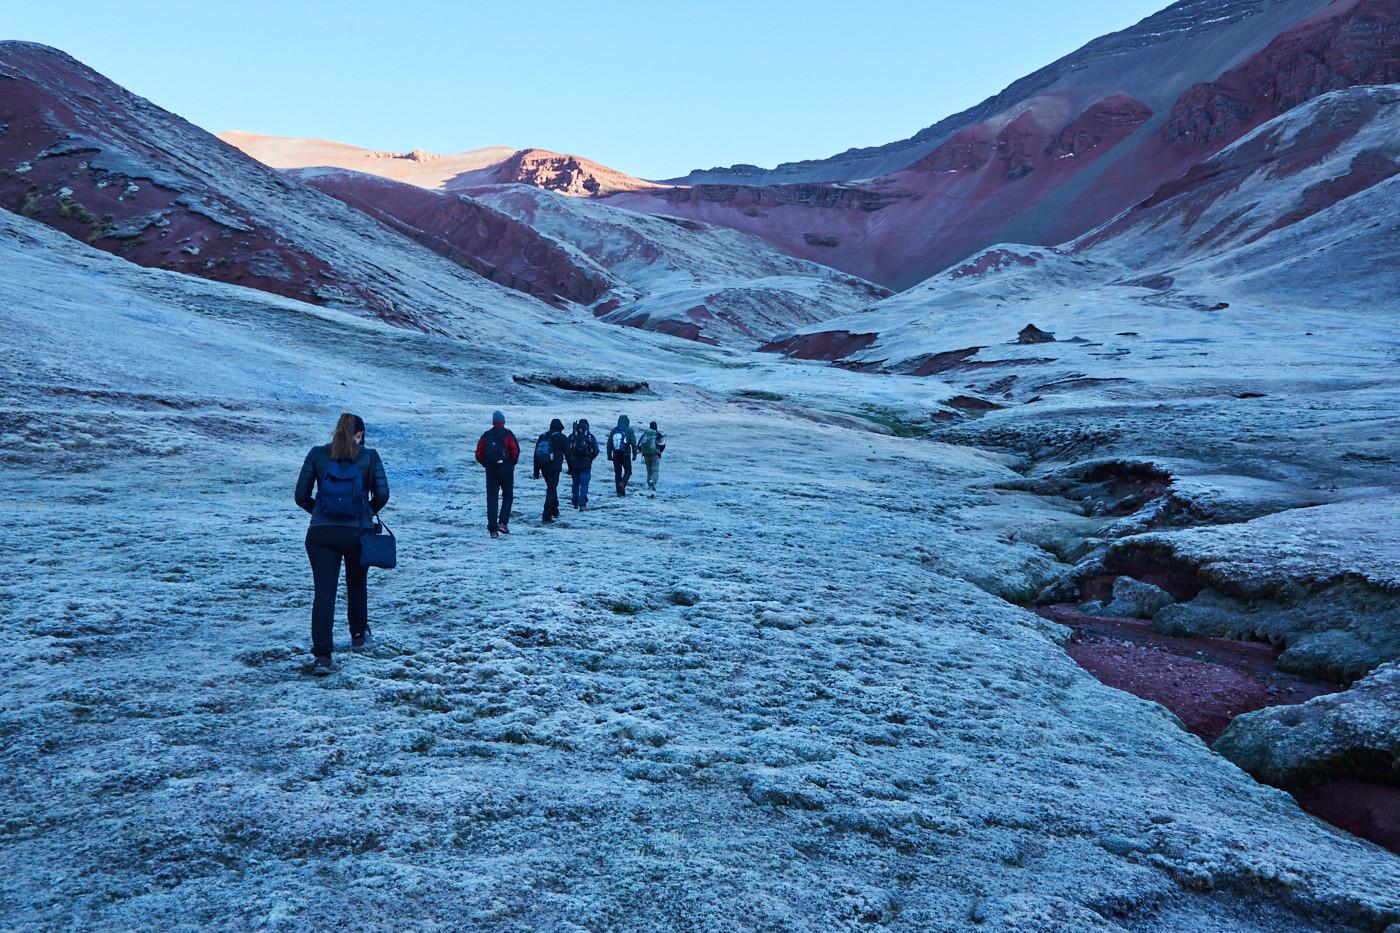 früher Aufbruch Richtung Rainbow Mountain in Peru, noch ist alles von Eis bedeckt.